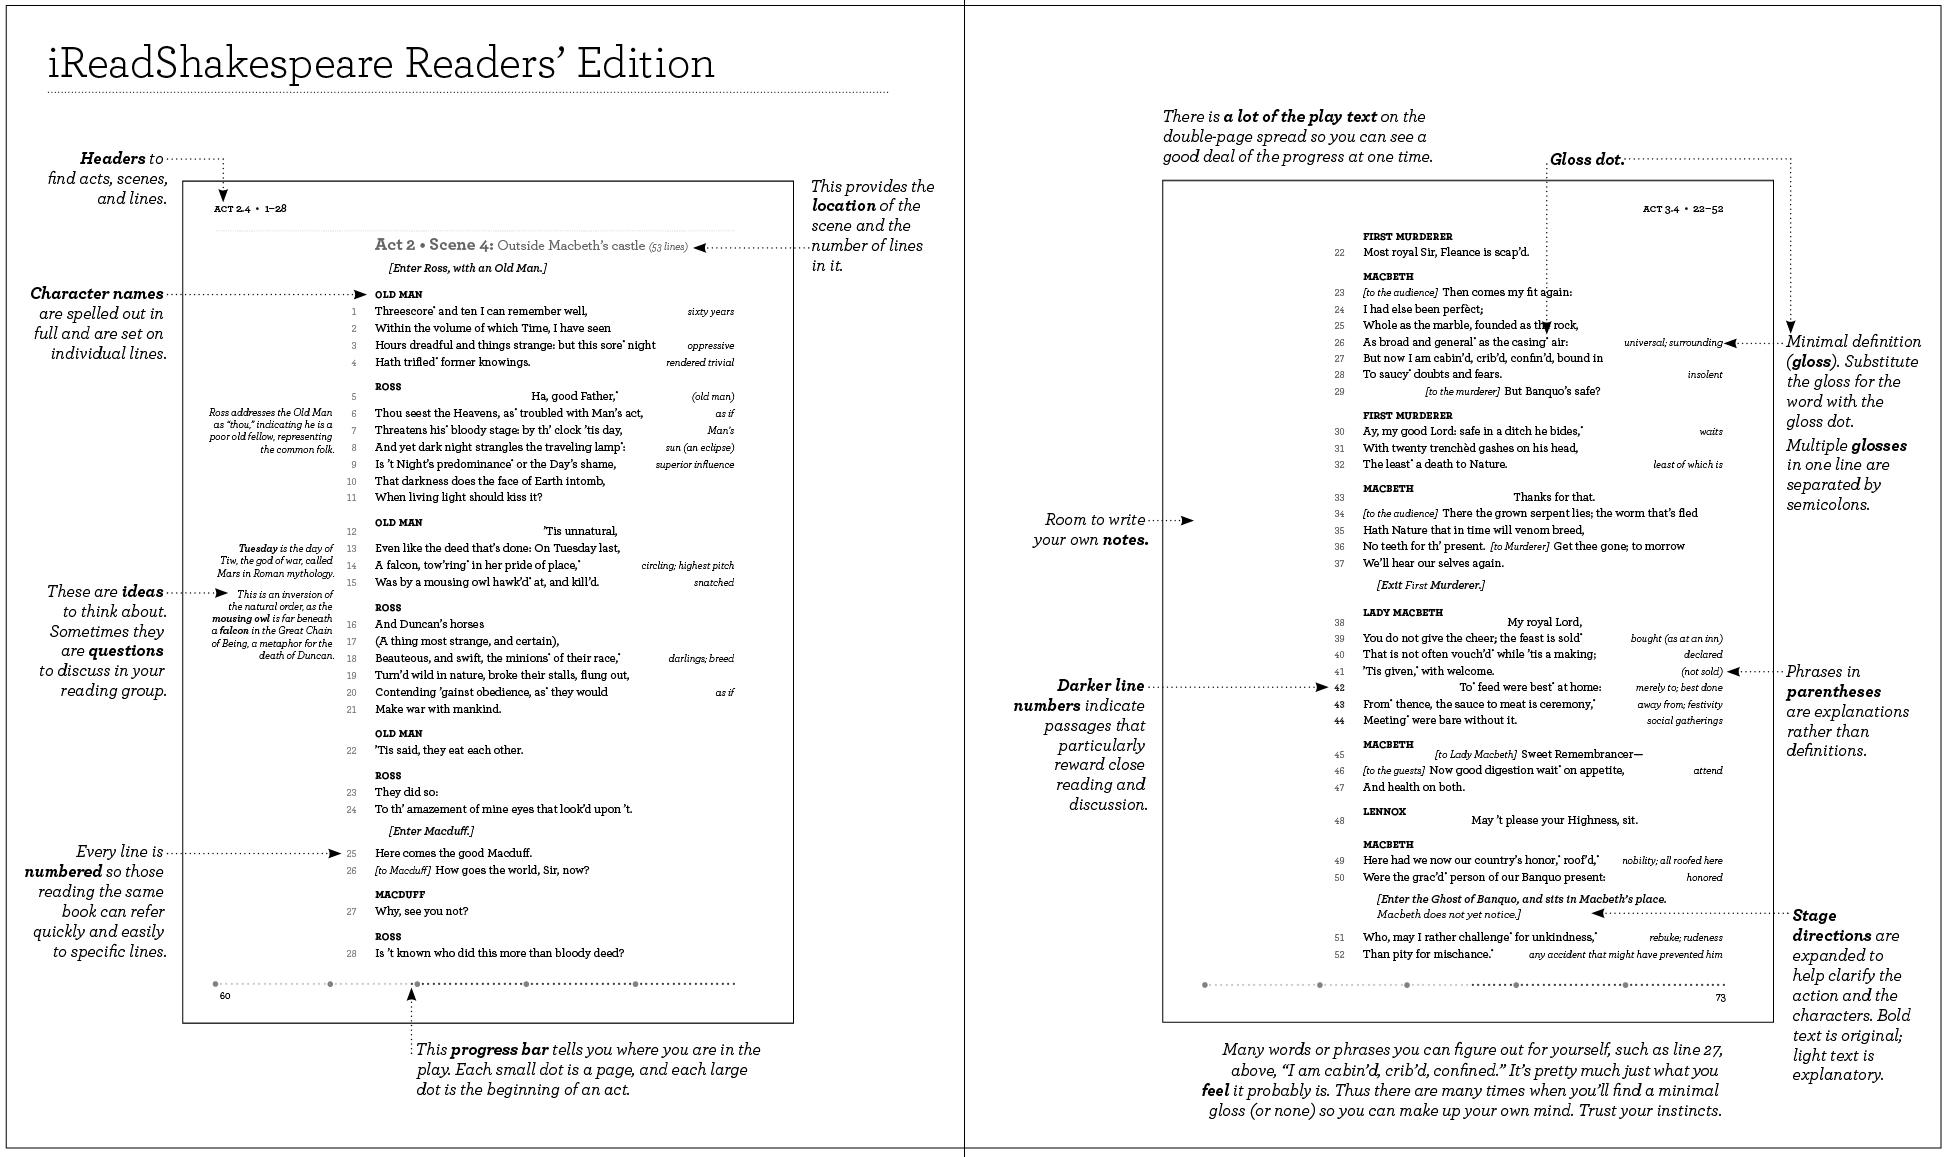 readers-spread